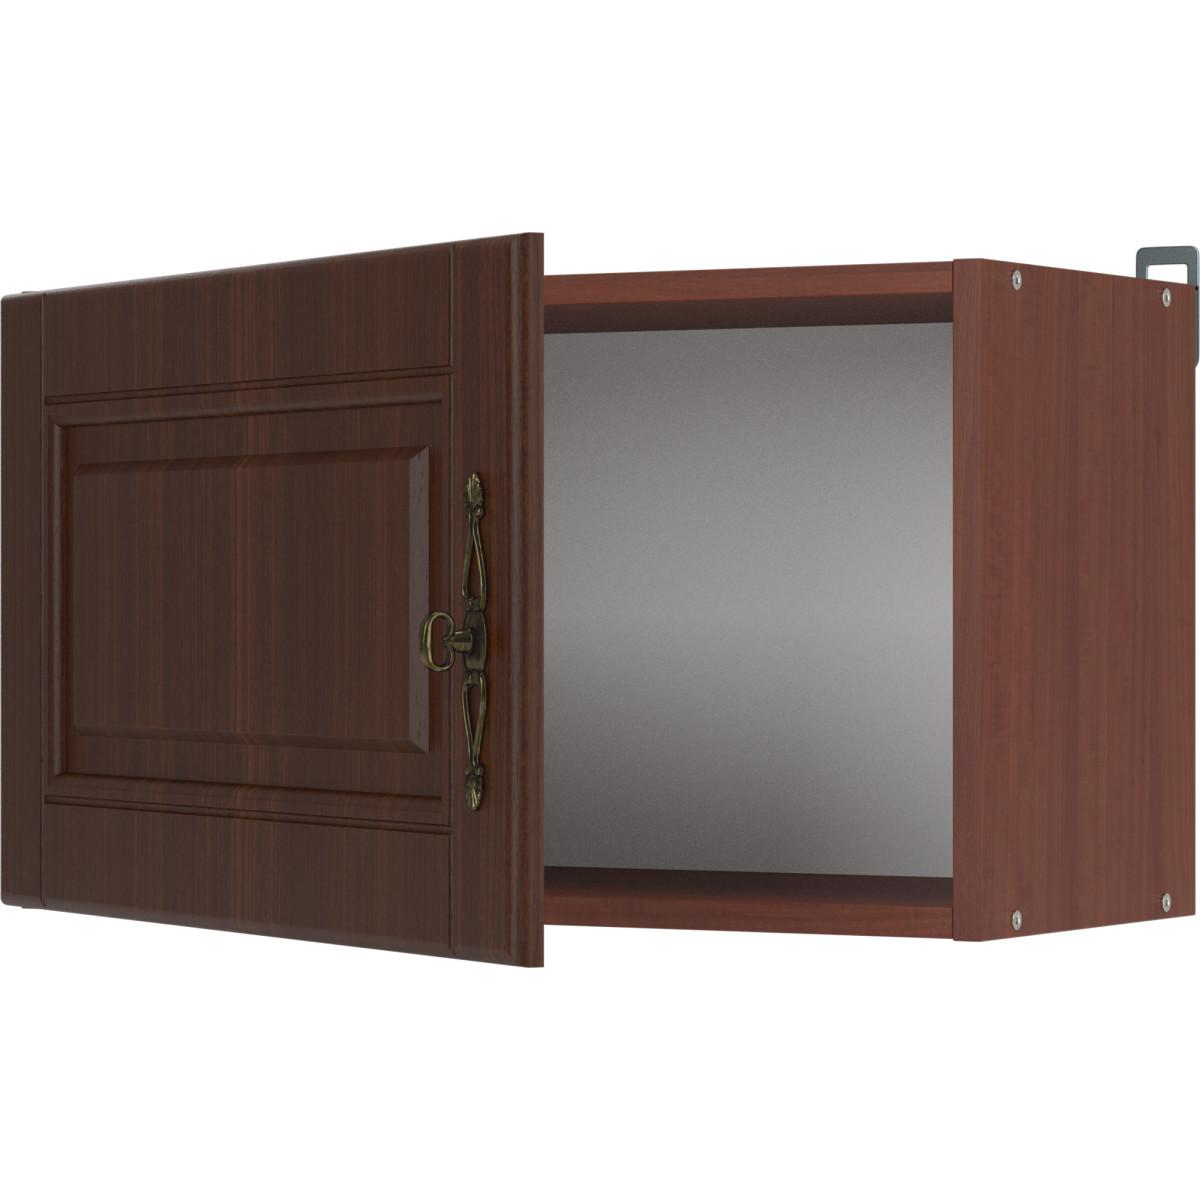 Шкаф навесной над вытяжкой Орех 60х35х29 см цвет темный орех